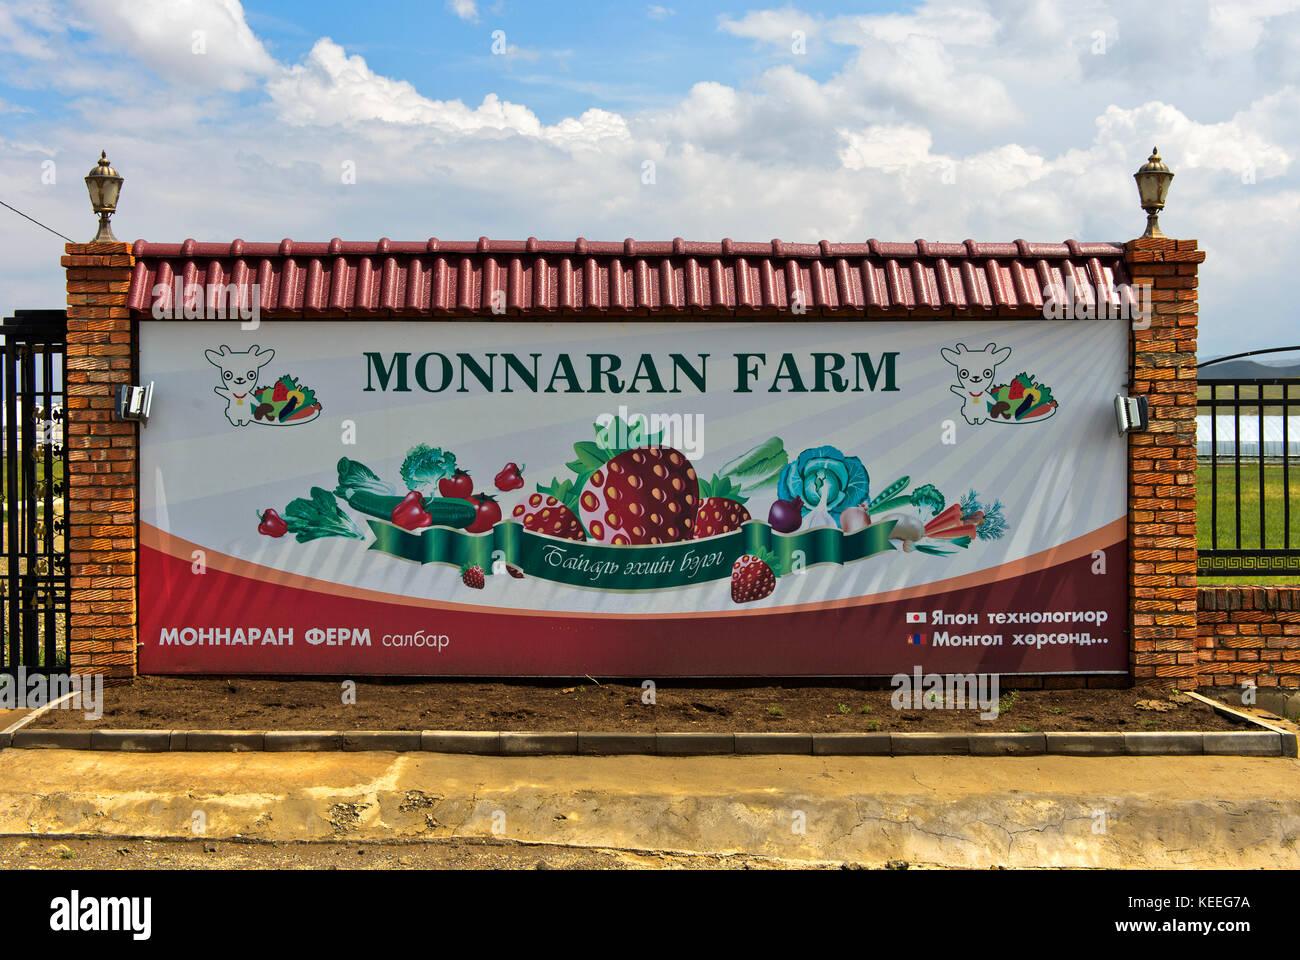 Poster della fattoria monnaran quotidiane di farm llc, songino khairkhan, Mongolia Immagini Stock